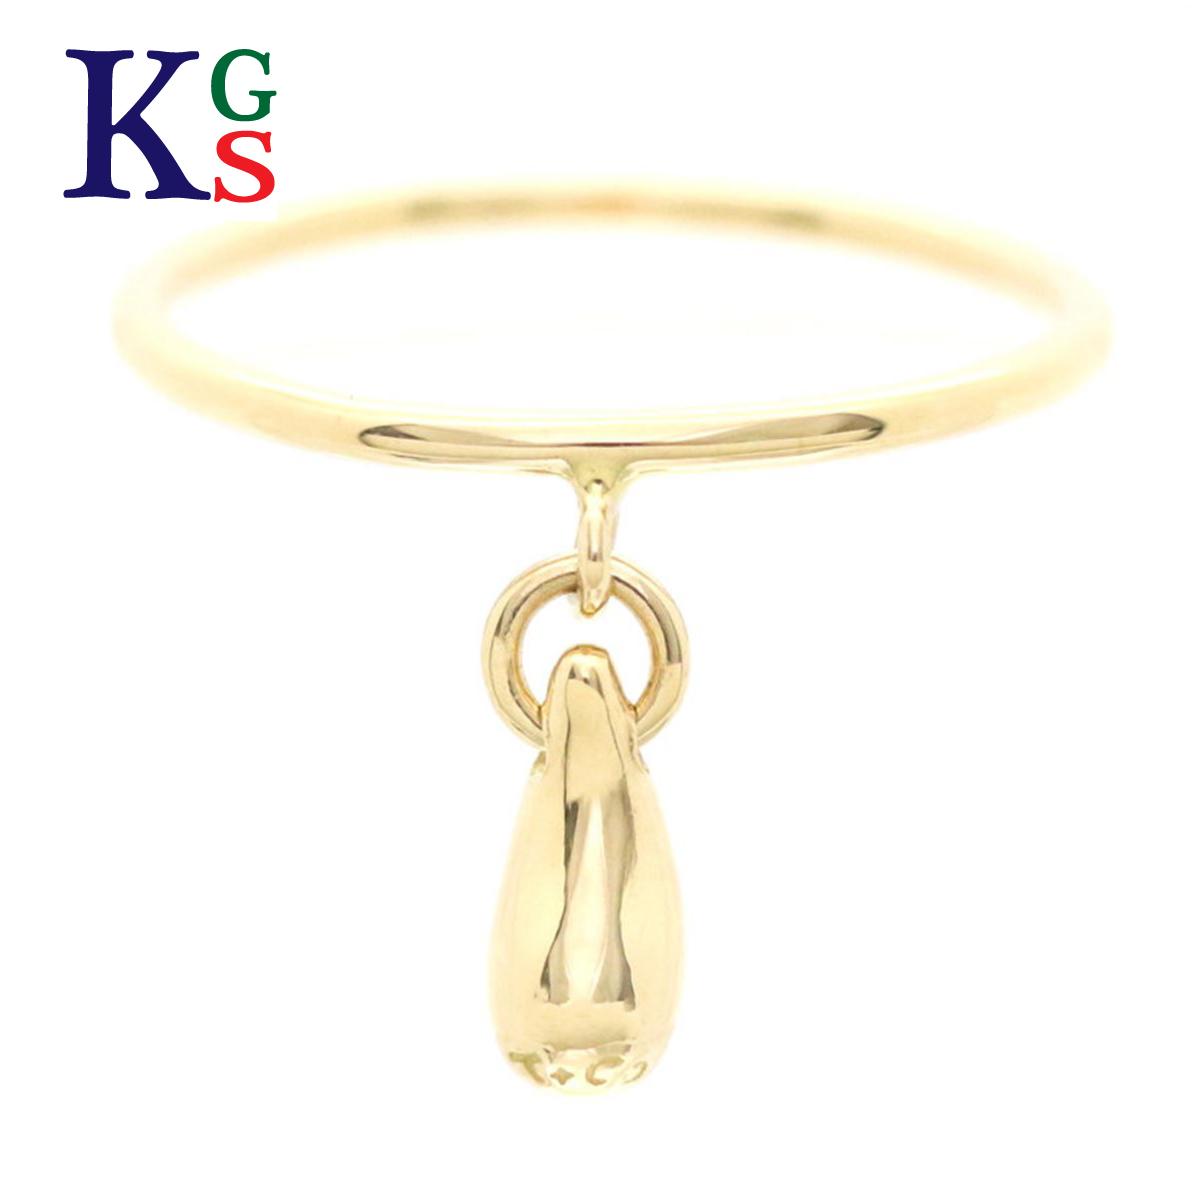 【ギフト品質】【名入れ】【4号~16号】ティファニー/Tiffany&co レディース ティアドロップ リング 指輪 K18YG イエローゴールド